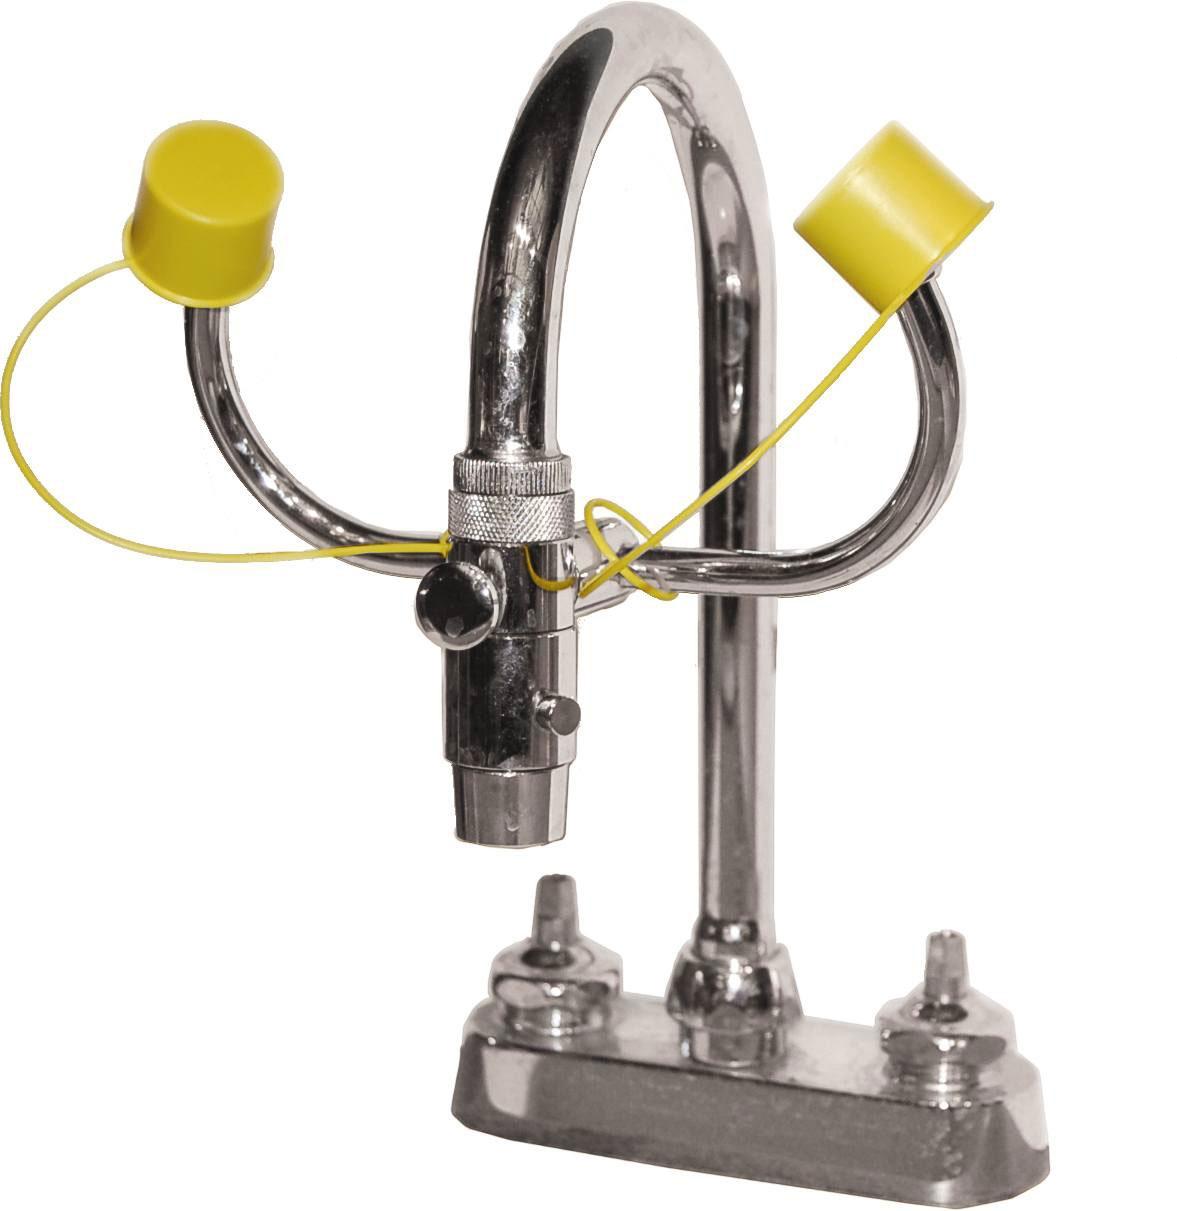 Ideas, faucet mount eyewash station faucet mount eyewash station faucet mounted eyewash bradley corporation 1177 x 1211  .